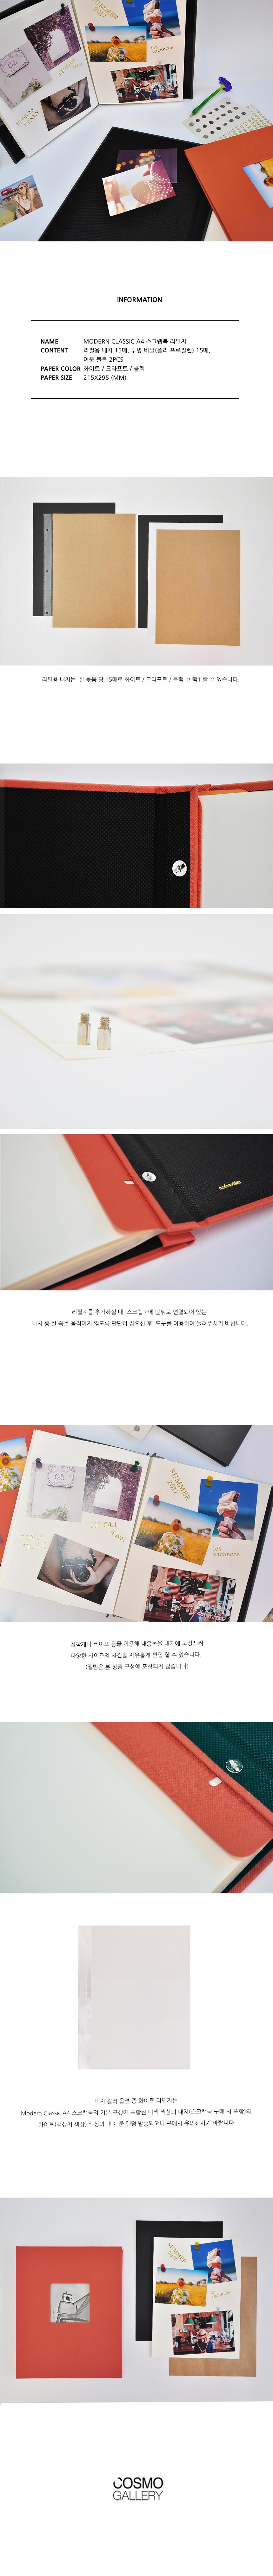 MODERN CLASSIC A4 리필지 - 코즈모갤러리, 10,000원, 테마앨범/테마북, 바인더북